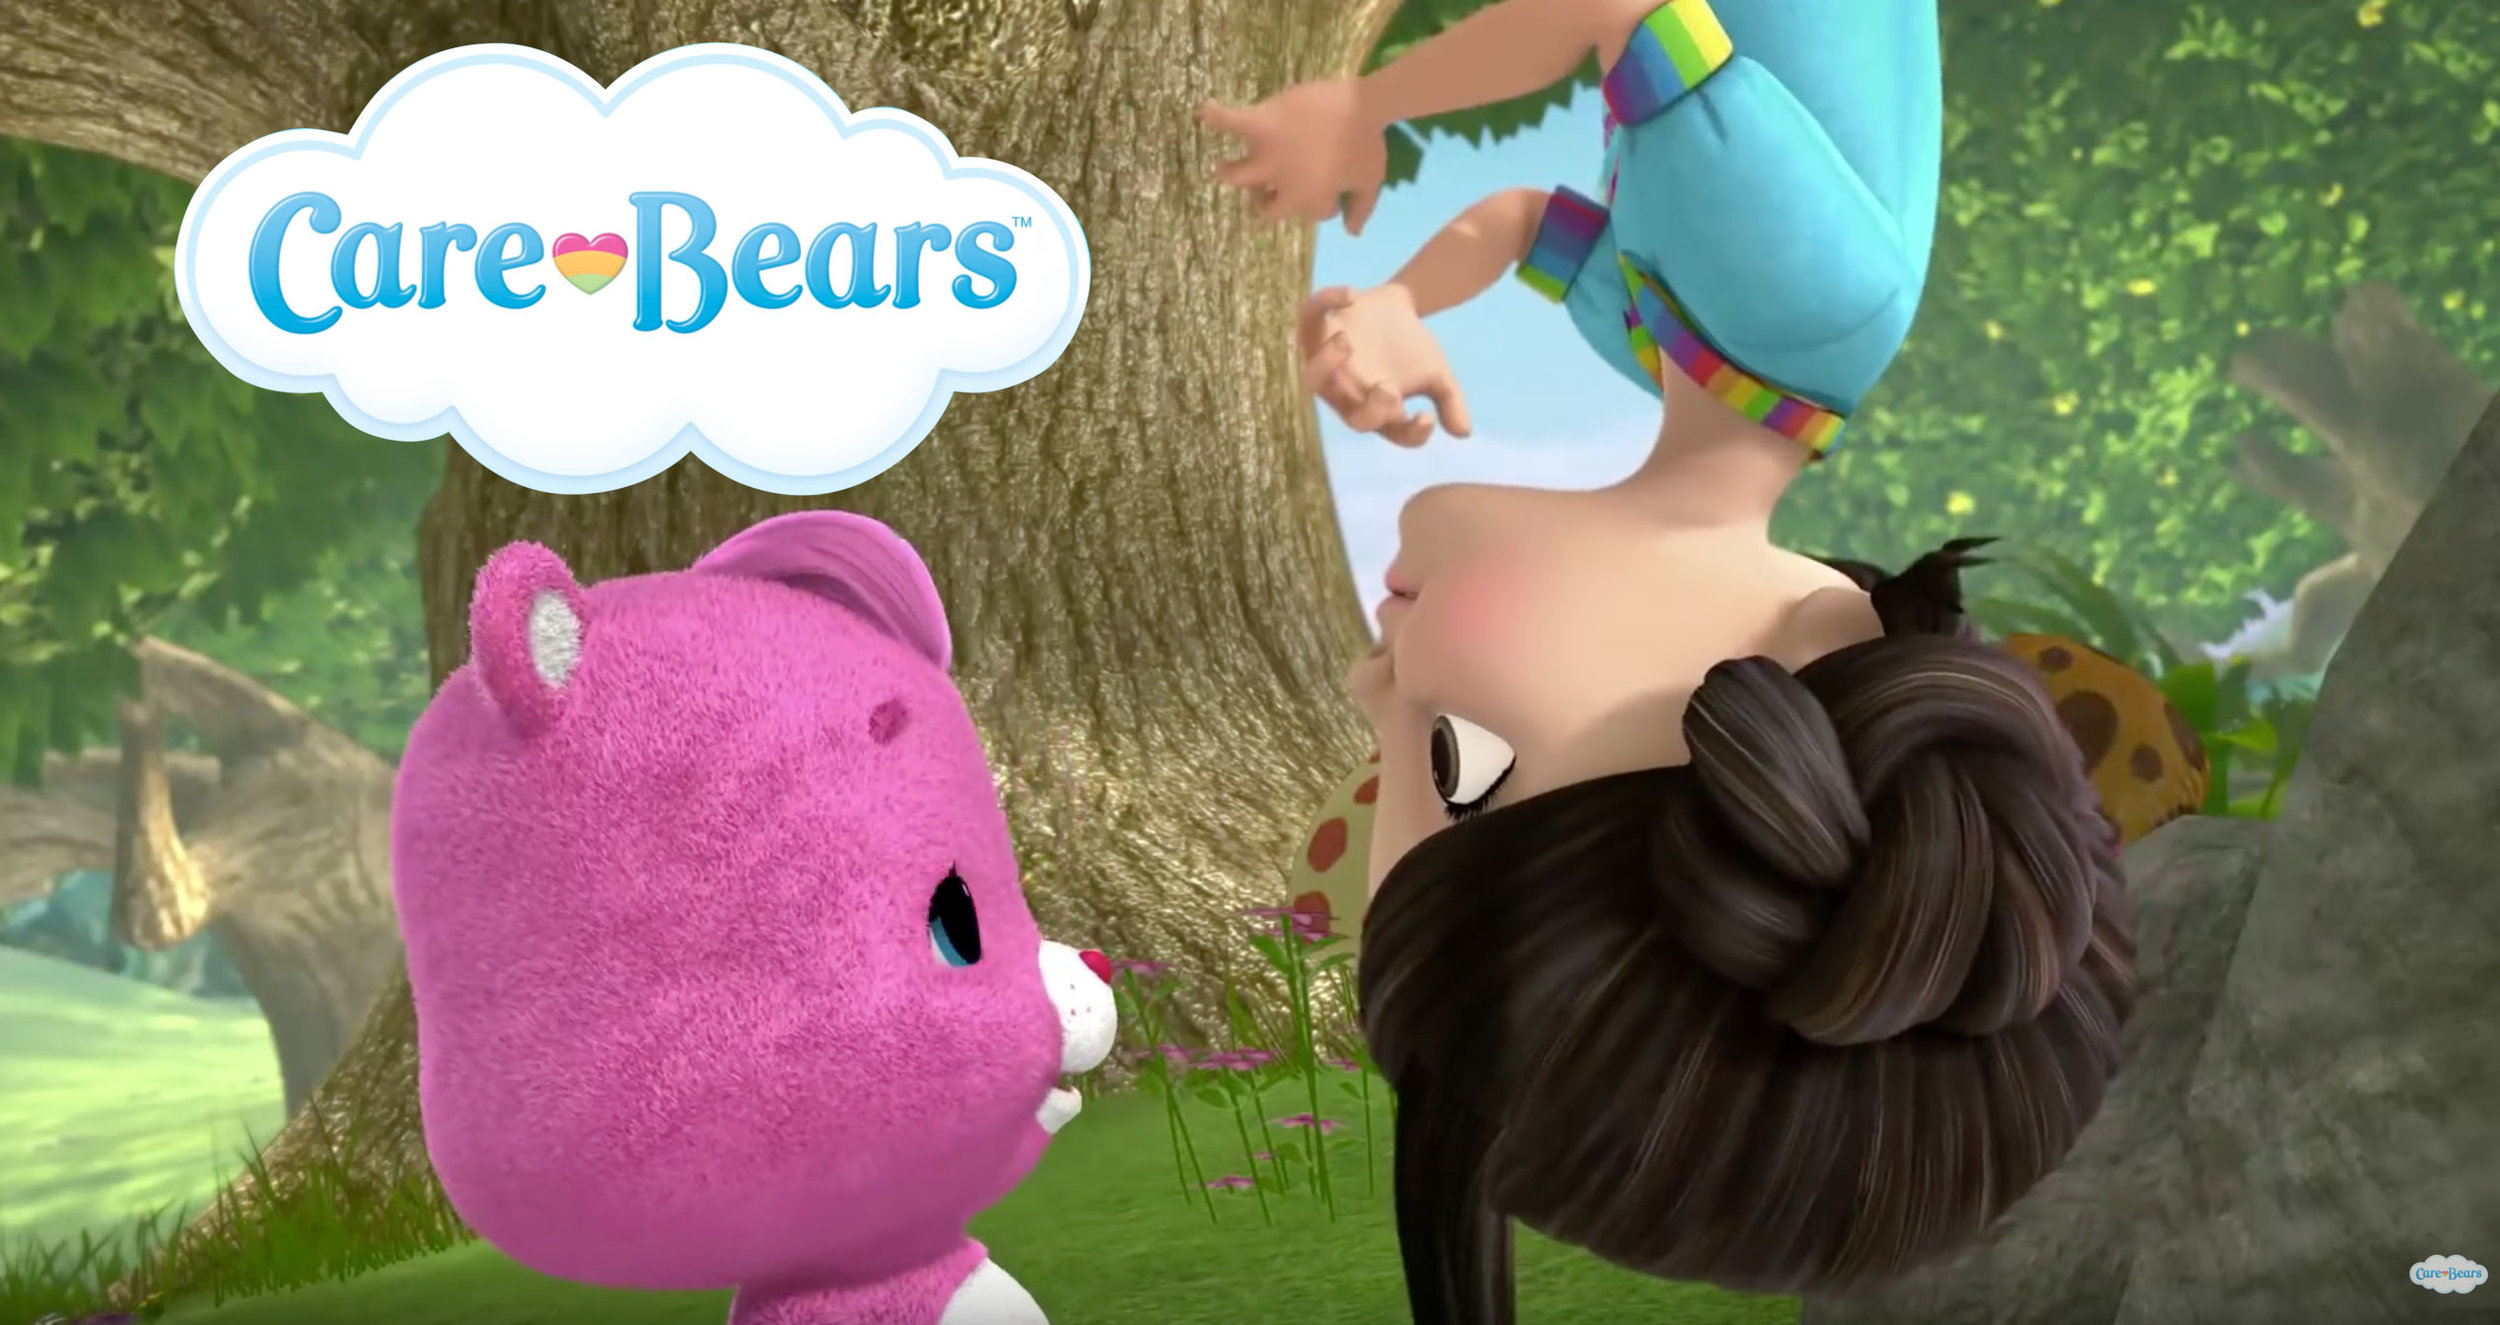 VV_care_bears_banner.jpg